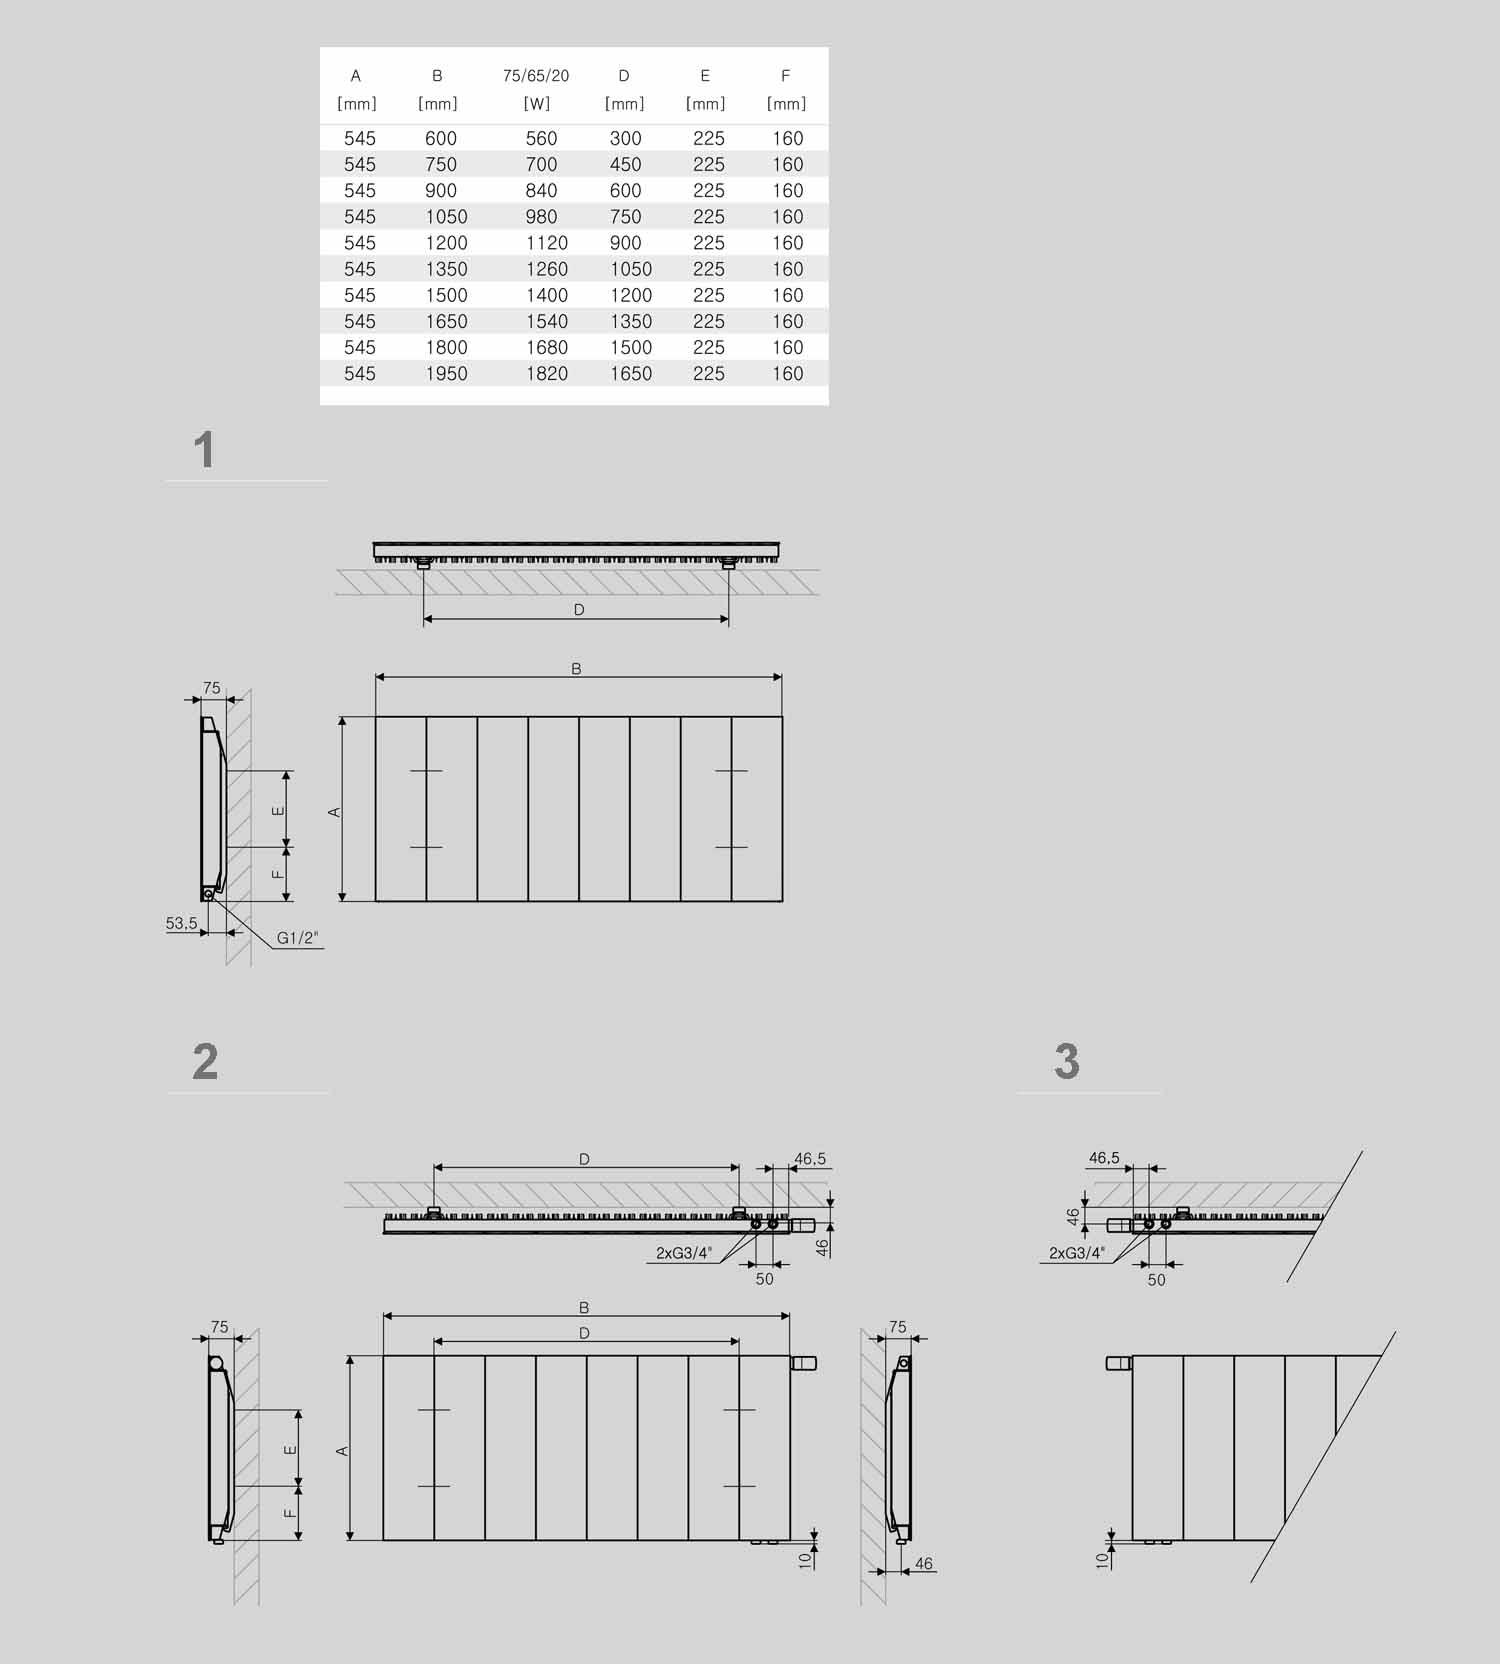 heizk rper leistung berechnen heizk rpergr e berechnen tabelle lf77 hitoiro berechnung von. Black Bedroom Furniture Sets. Home Design Ideas